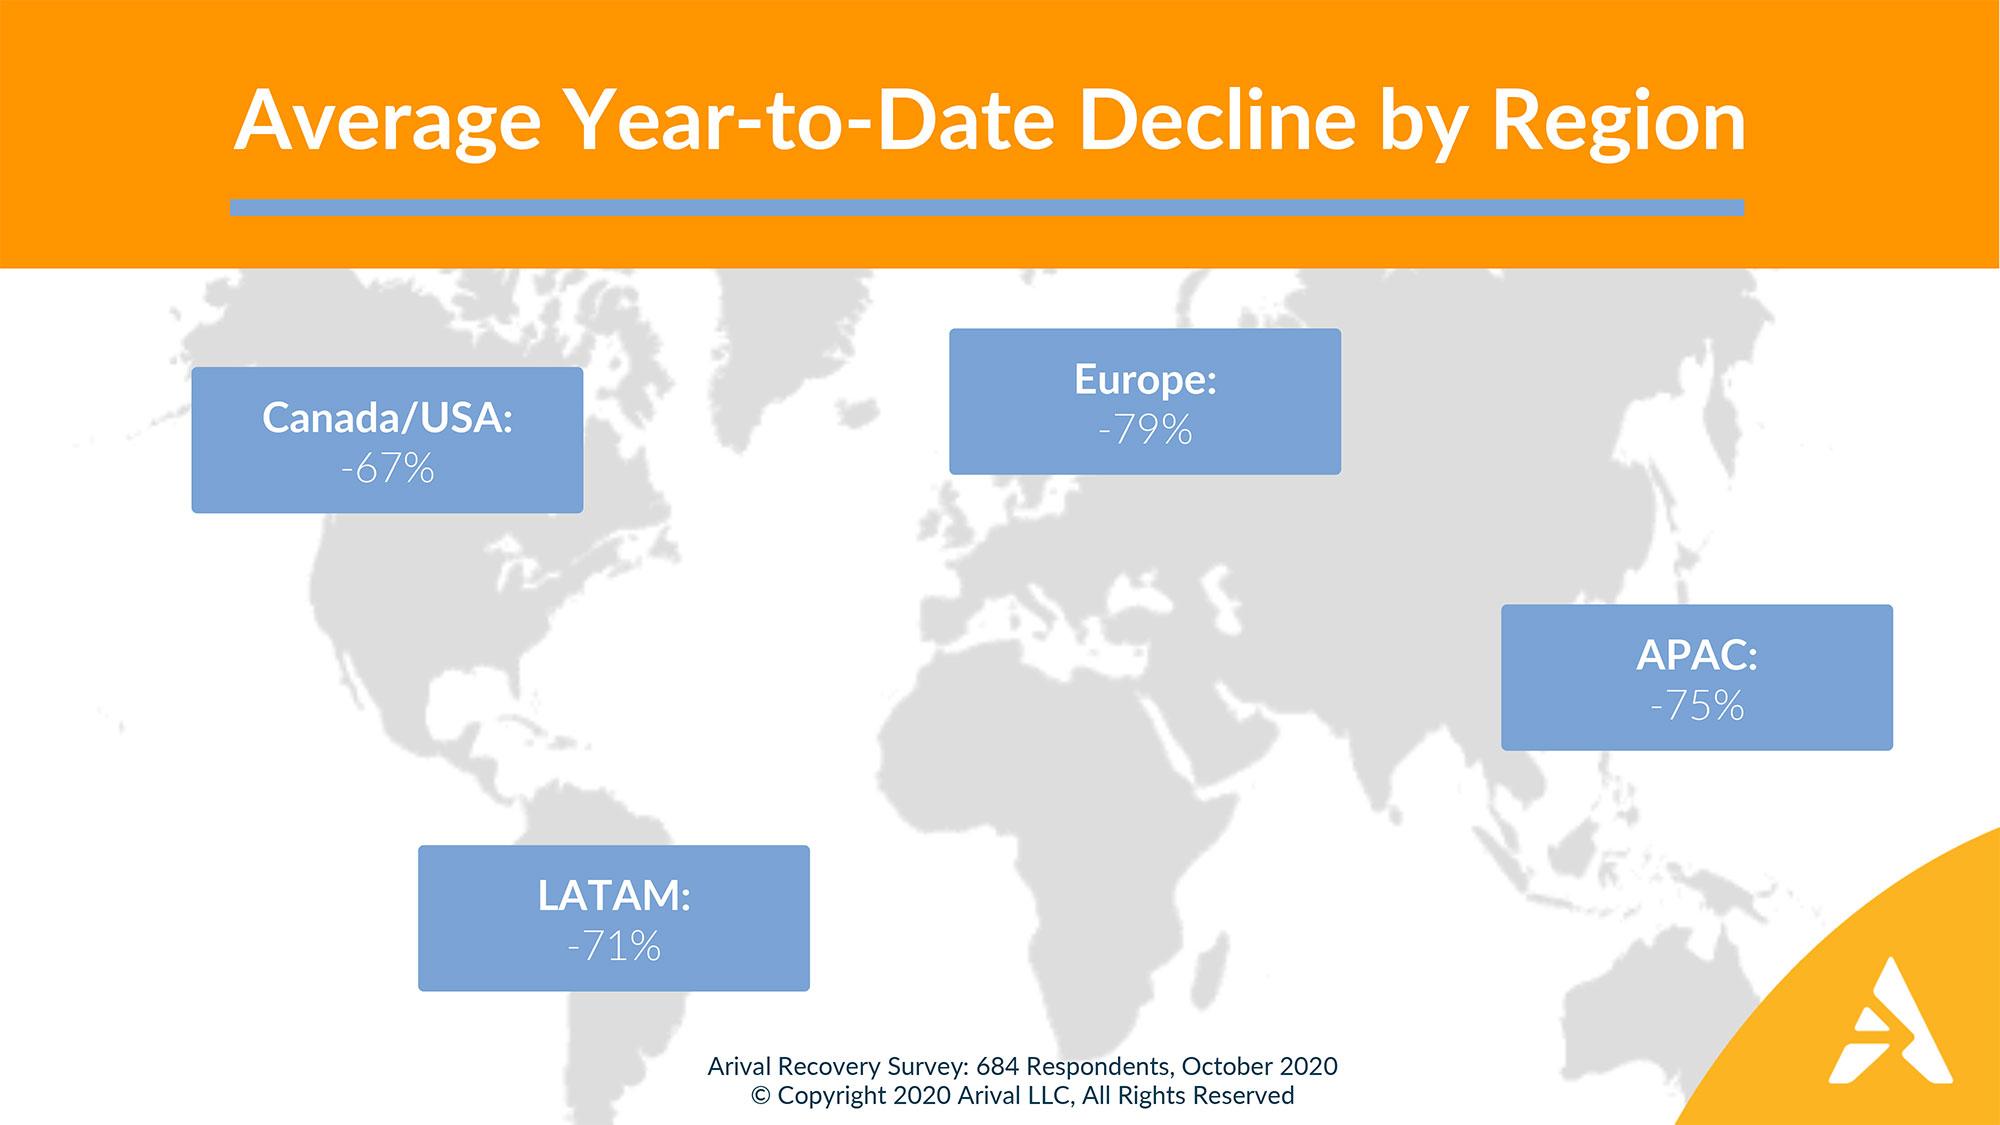 Average year-to-date decline by region